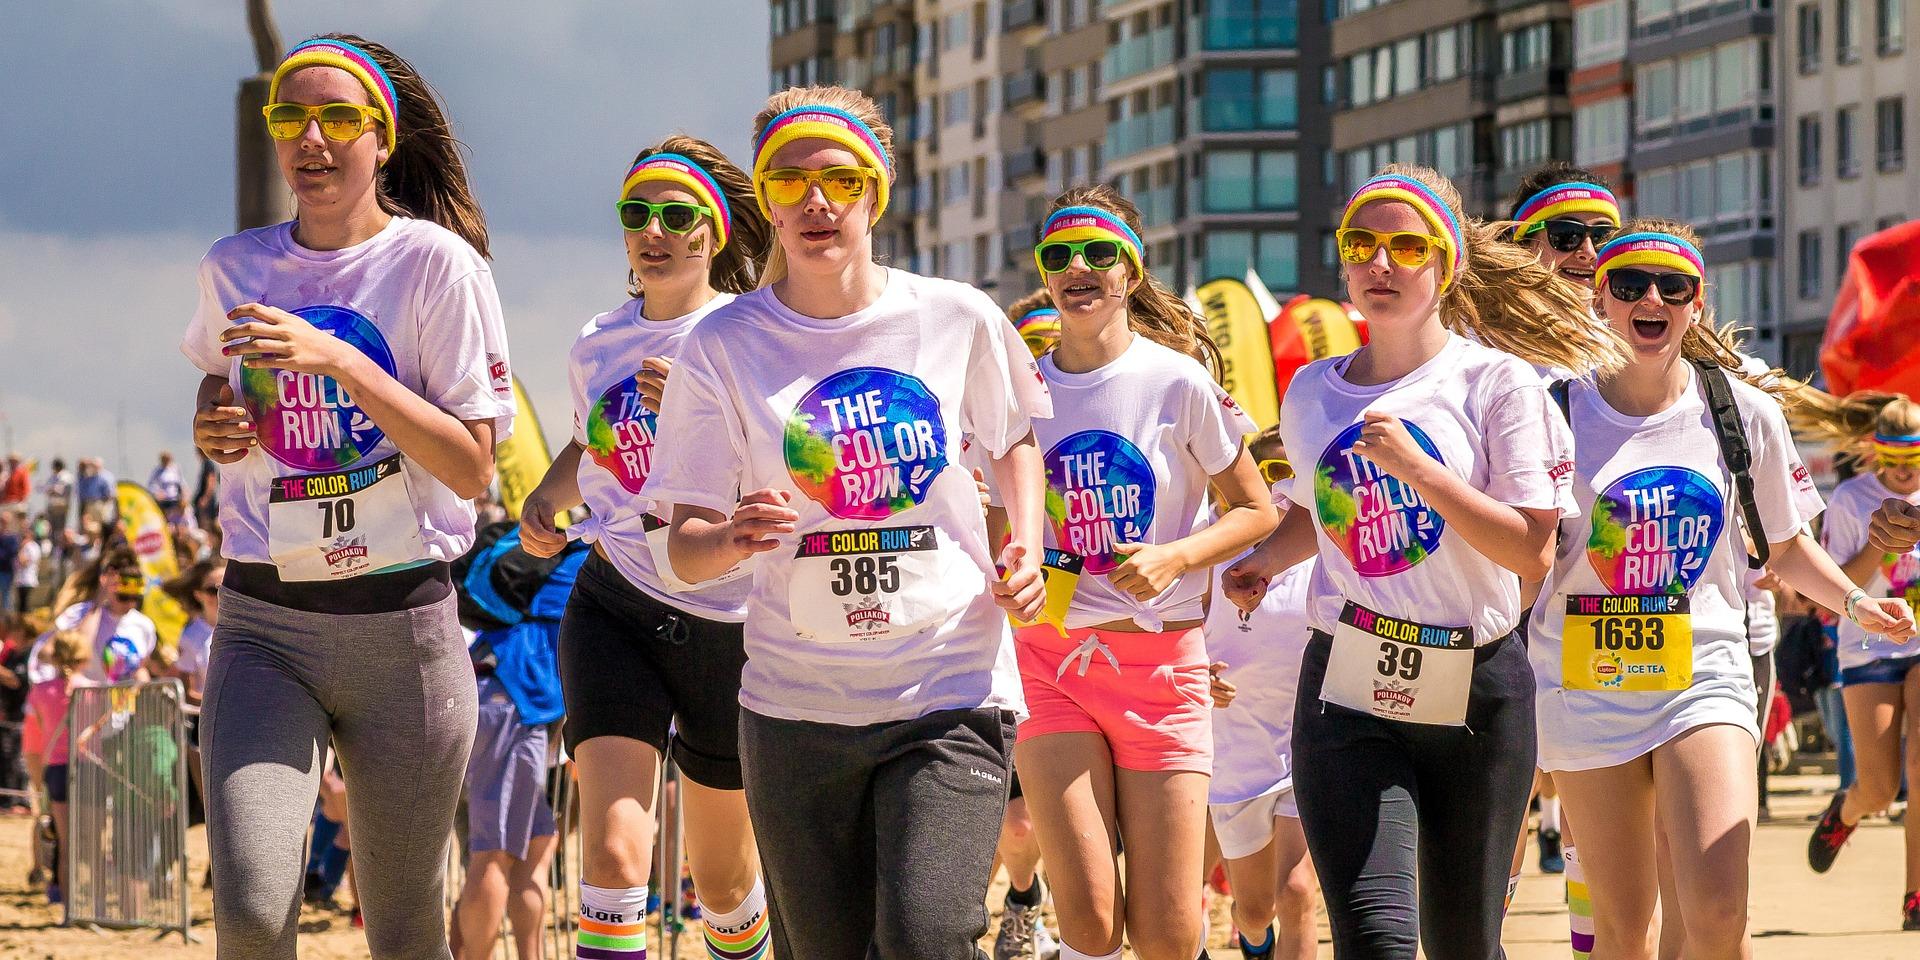 runners-1517156_1920.jpg